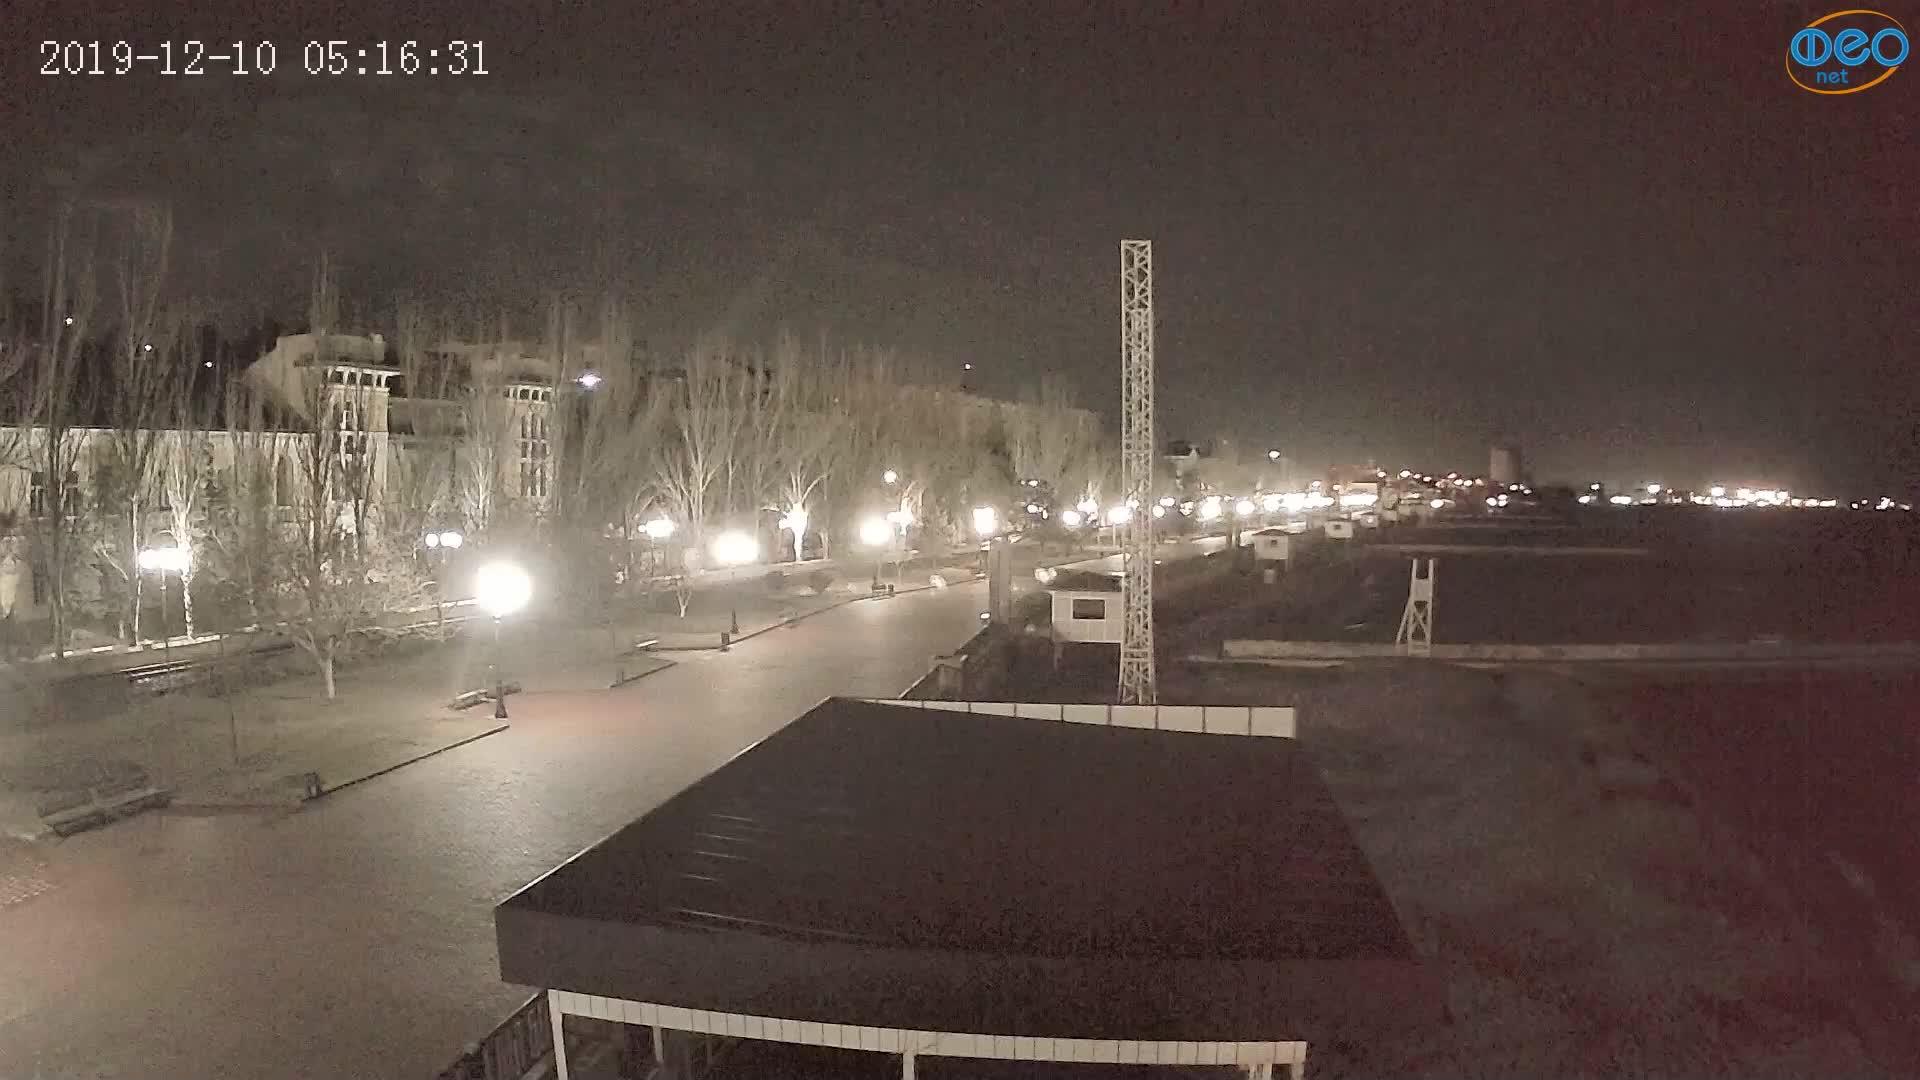 Веб-камеры Феодосии, Пляж Камешки, 2019-12-10 05:16:55